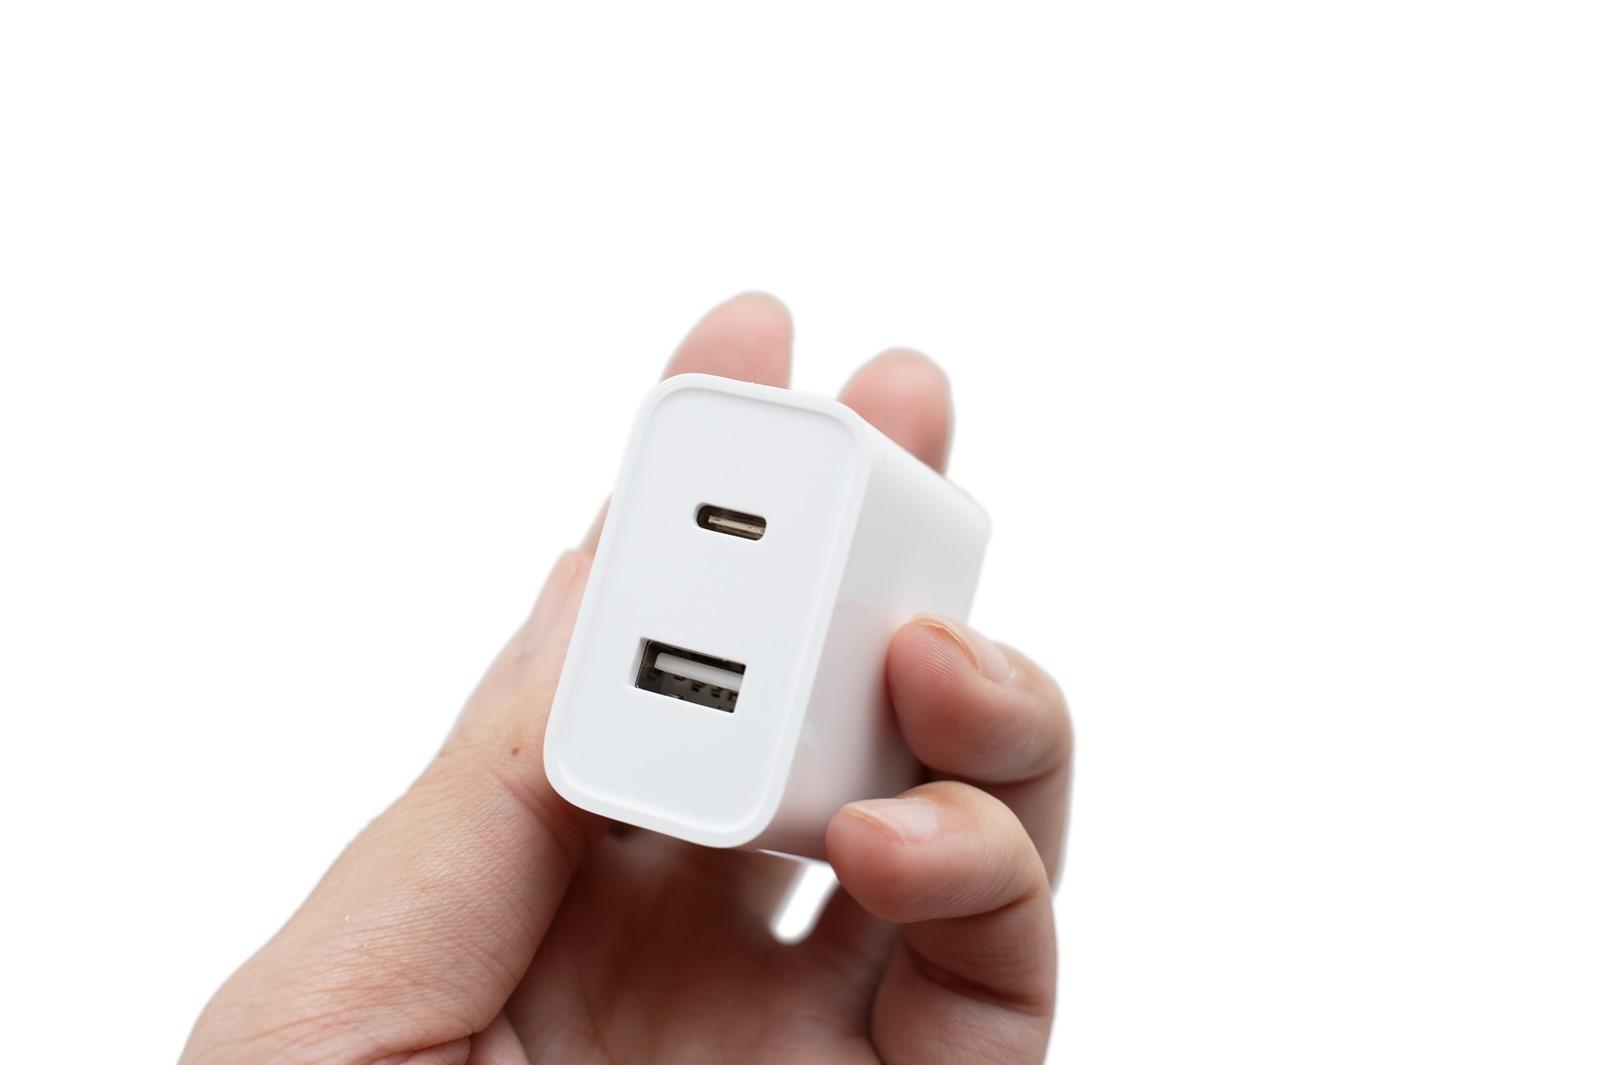 只要 NT$275 實現 iPhone 快充超便宜!小米 30W 雙口快充 USB + Type C 手機筆電都可以的超划算充電器 @3C 達人廖阿輝